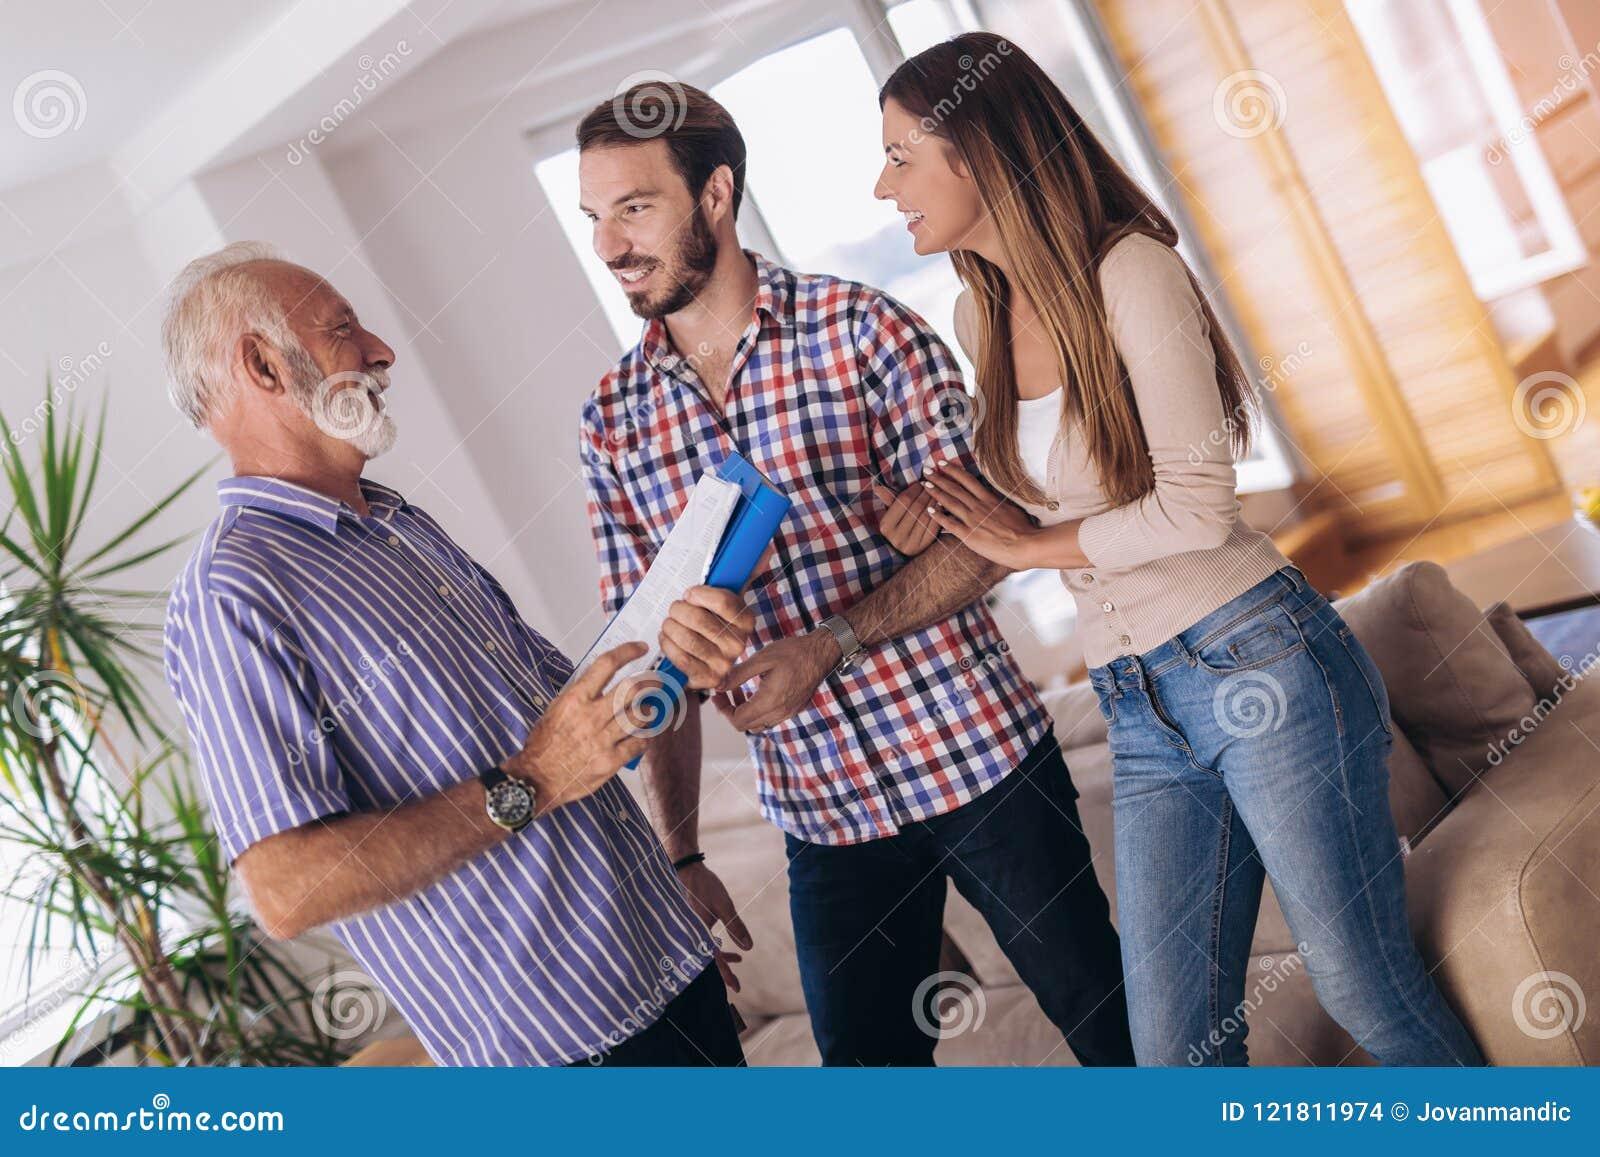 Paar met makelaar in onroerend goed het bezoeken huis voor verkoop